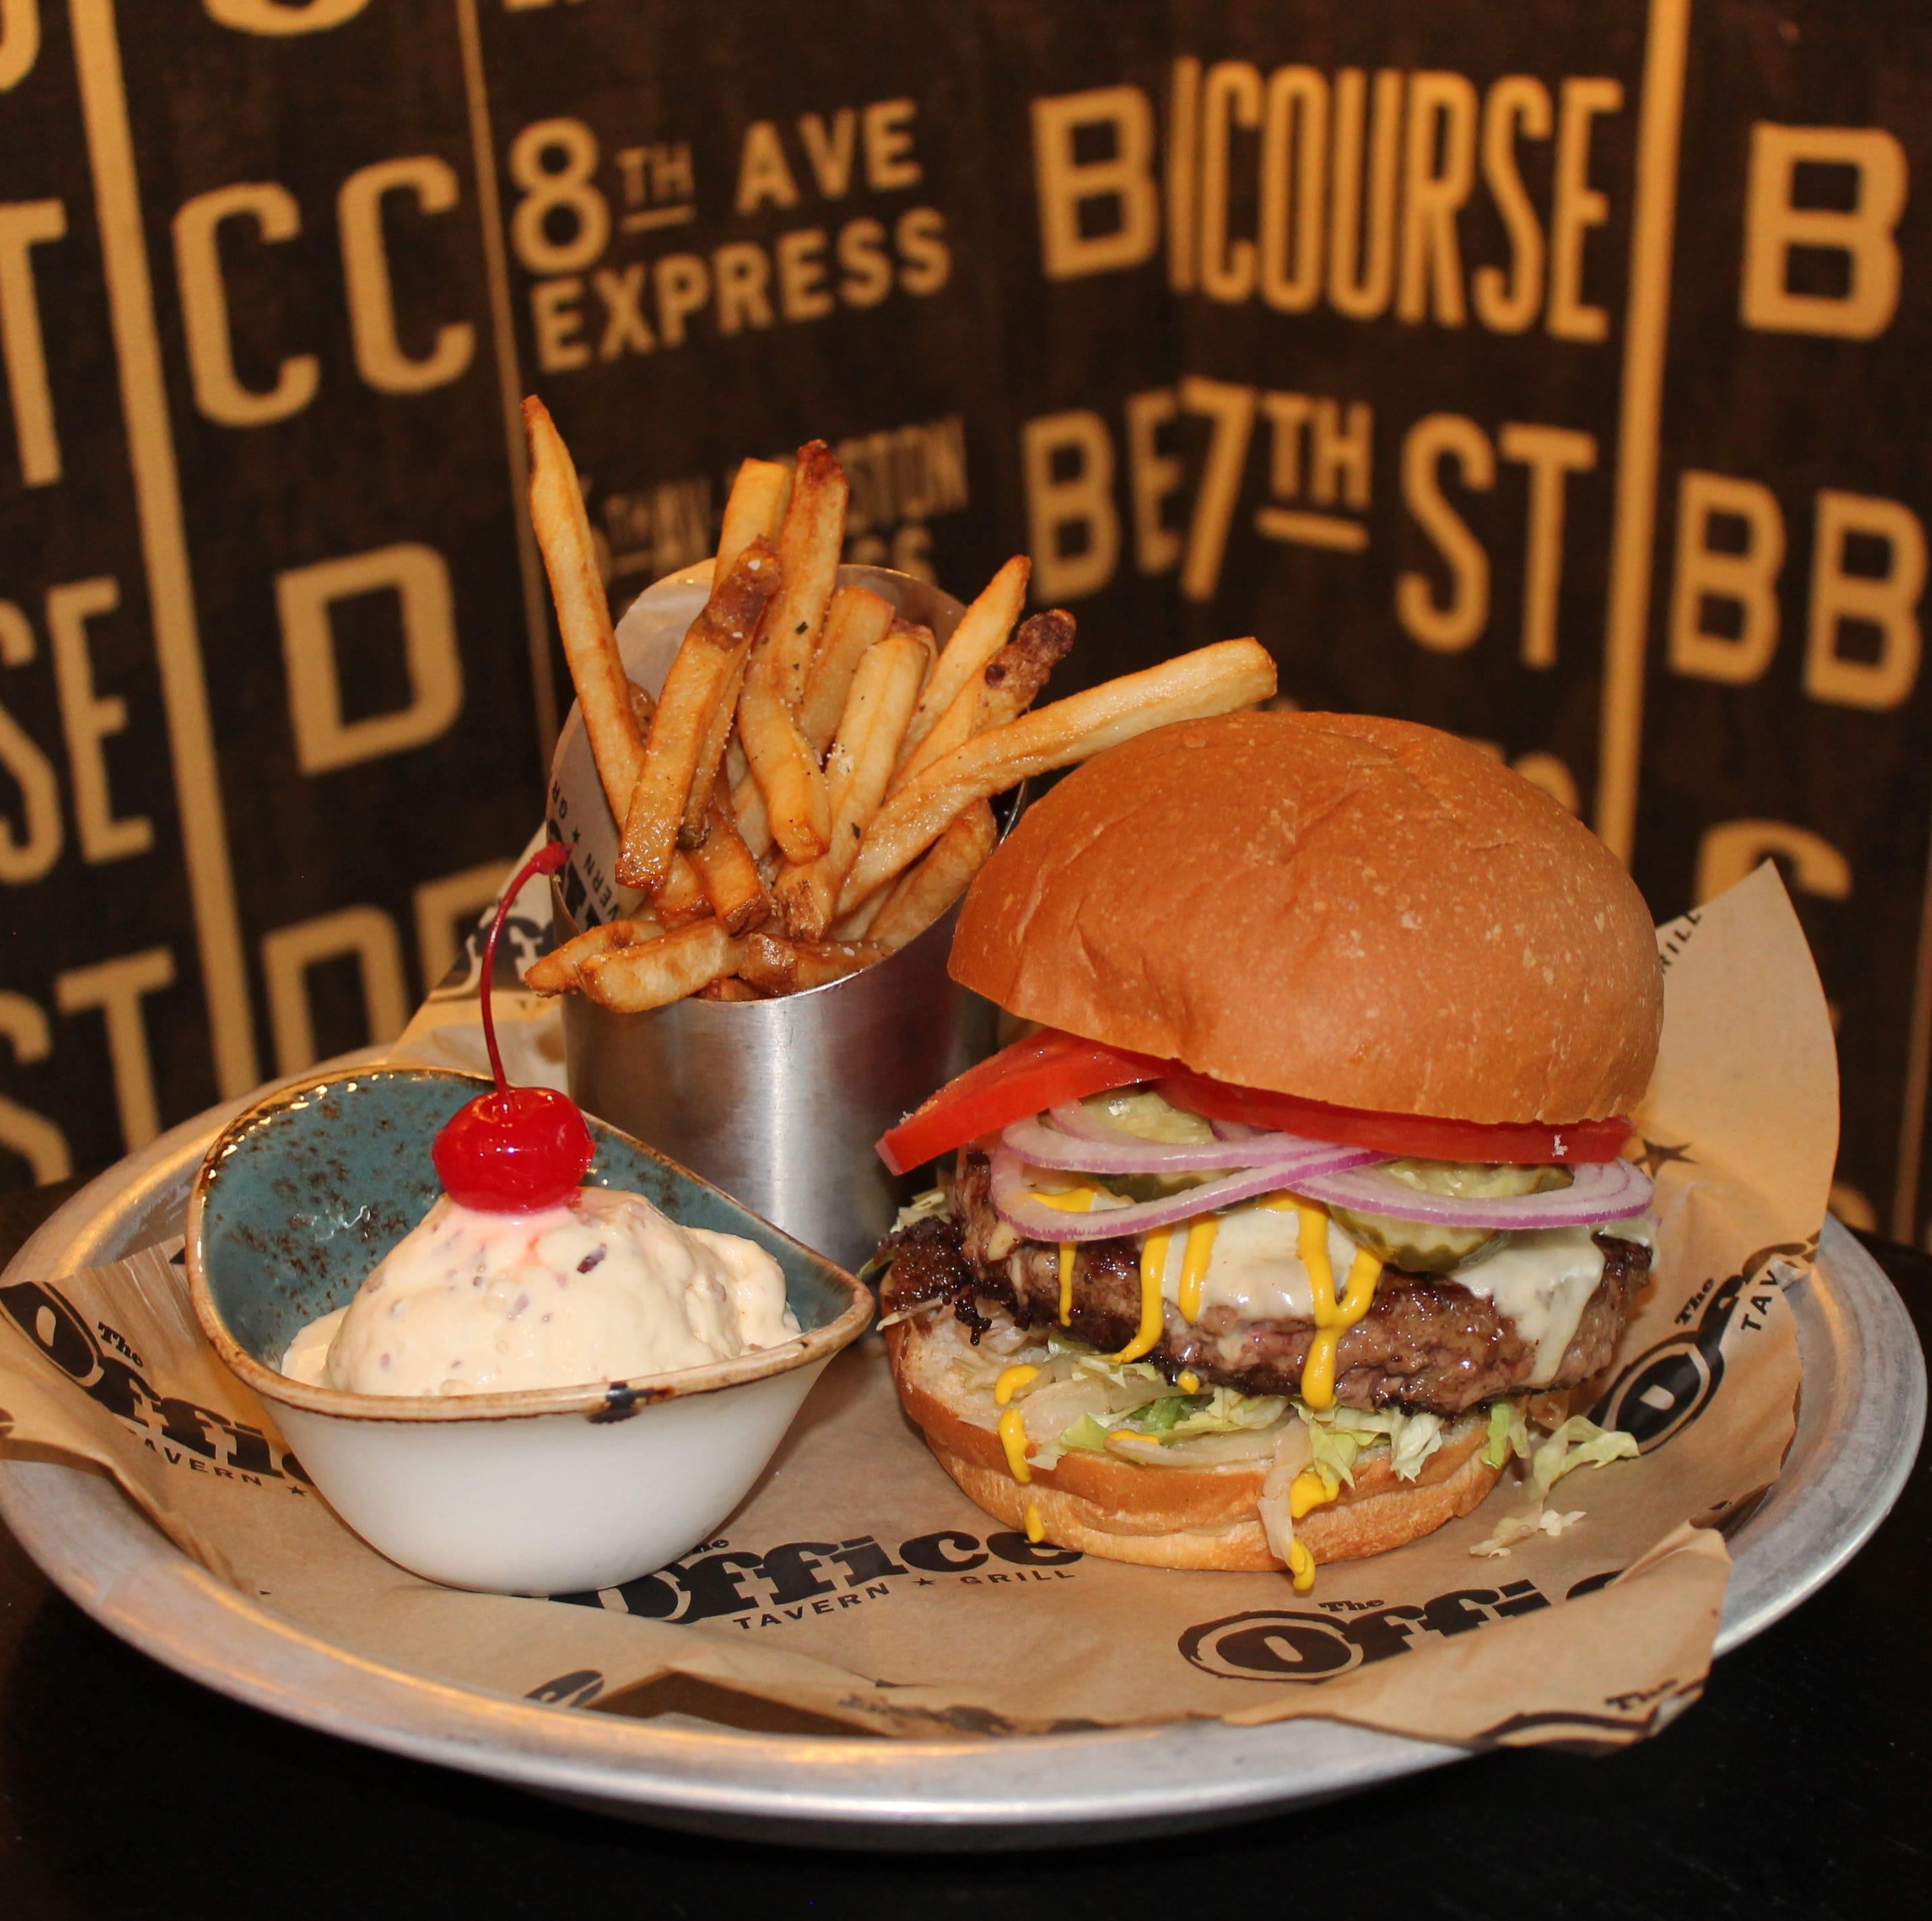 Cheeseburger ice cream? Three ways to celebrate National Cheeseburger Day